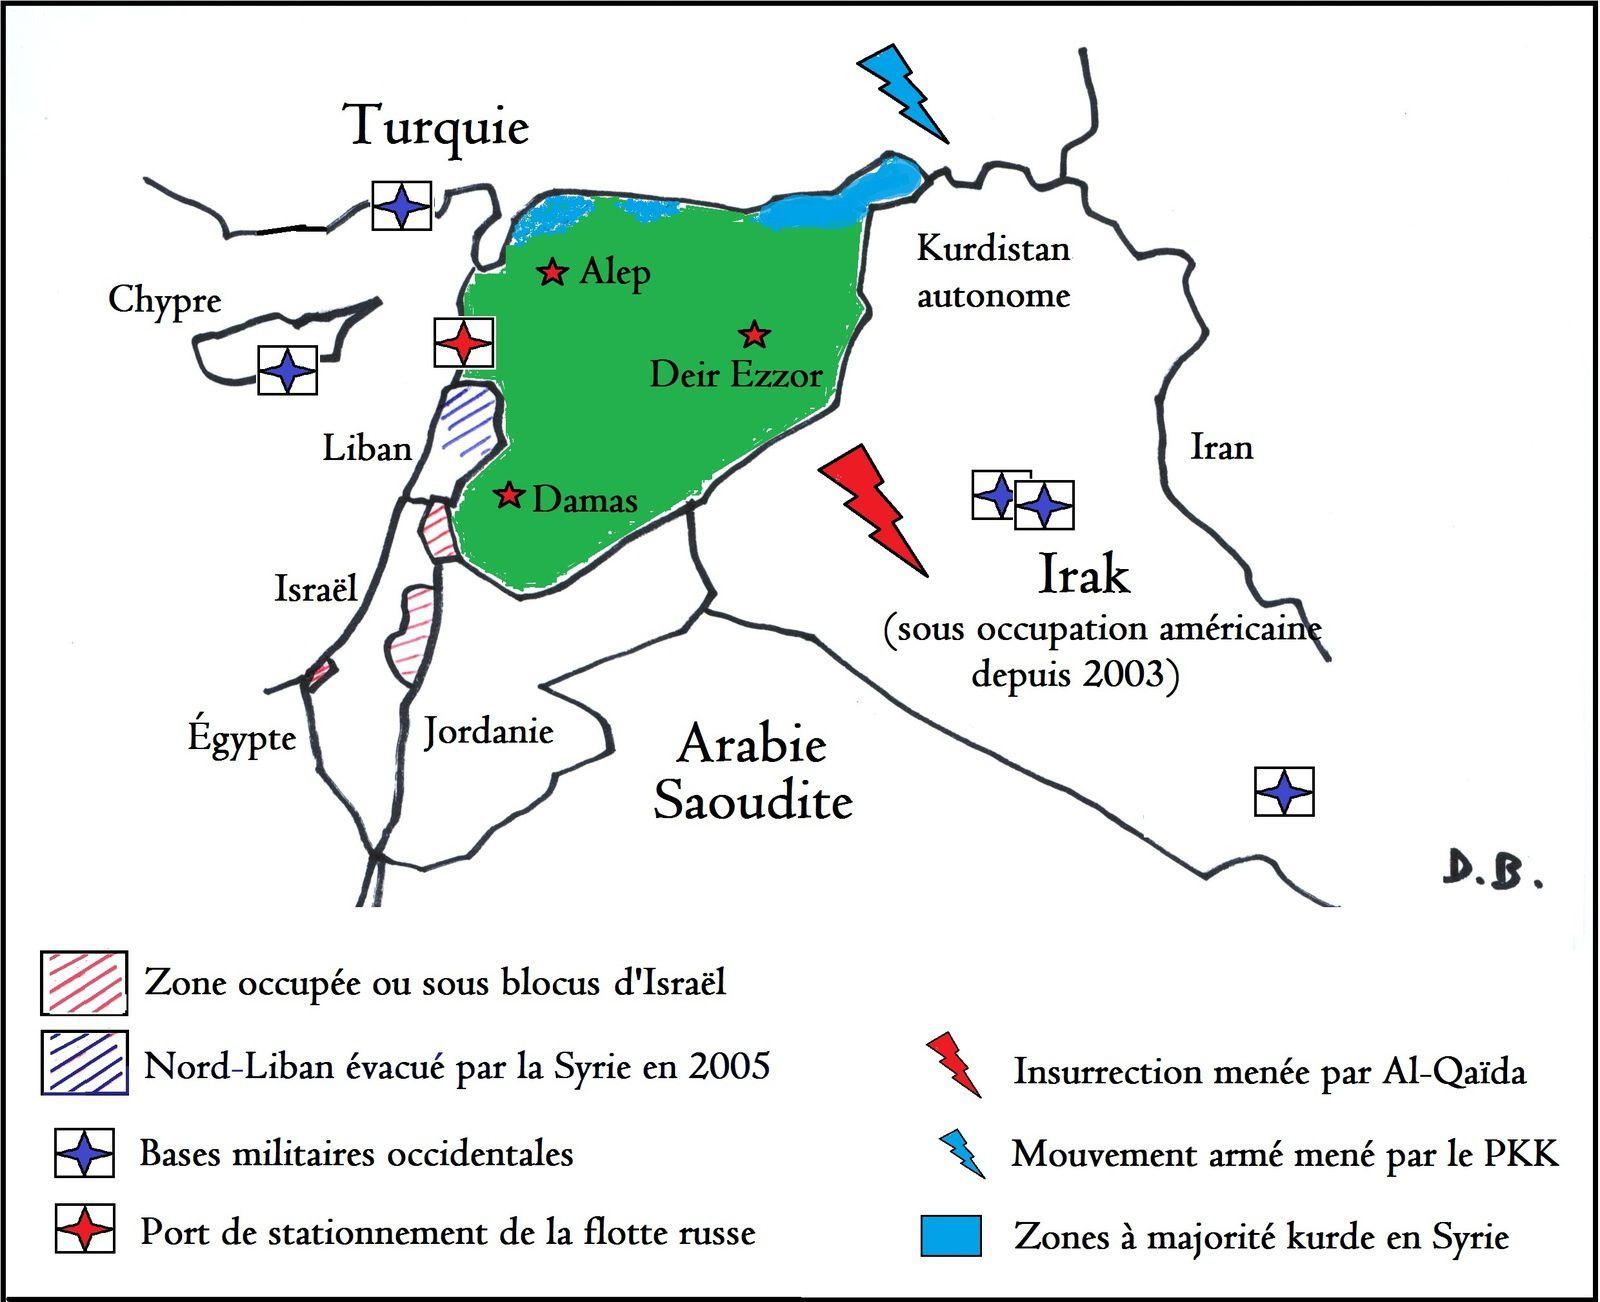 À l'aube de la Révolution, l'environnement régional de la Syrie est déjà particulièrement sensible, voire s'avère propice à un embrasement. Une telle configuration donne évidemment un écho particulier aux évènements qui s'y déroulent depuis trois ans et demi.